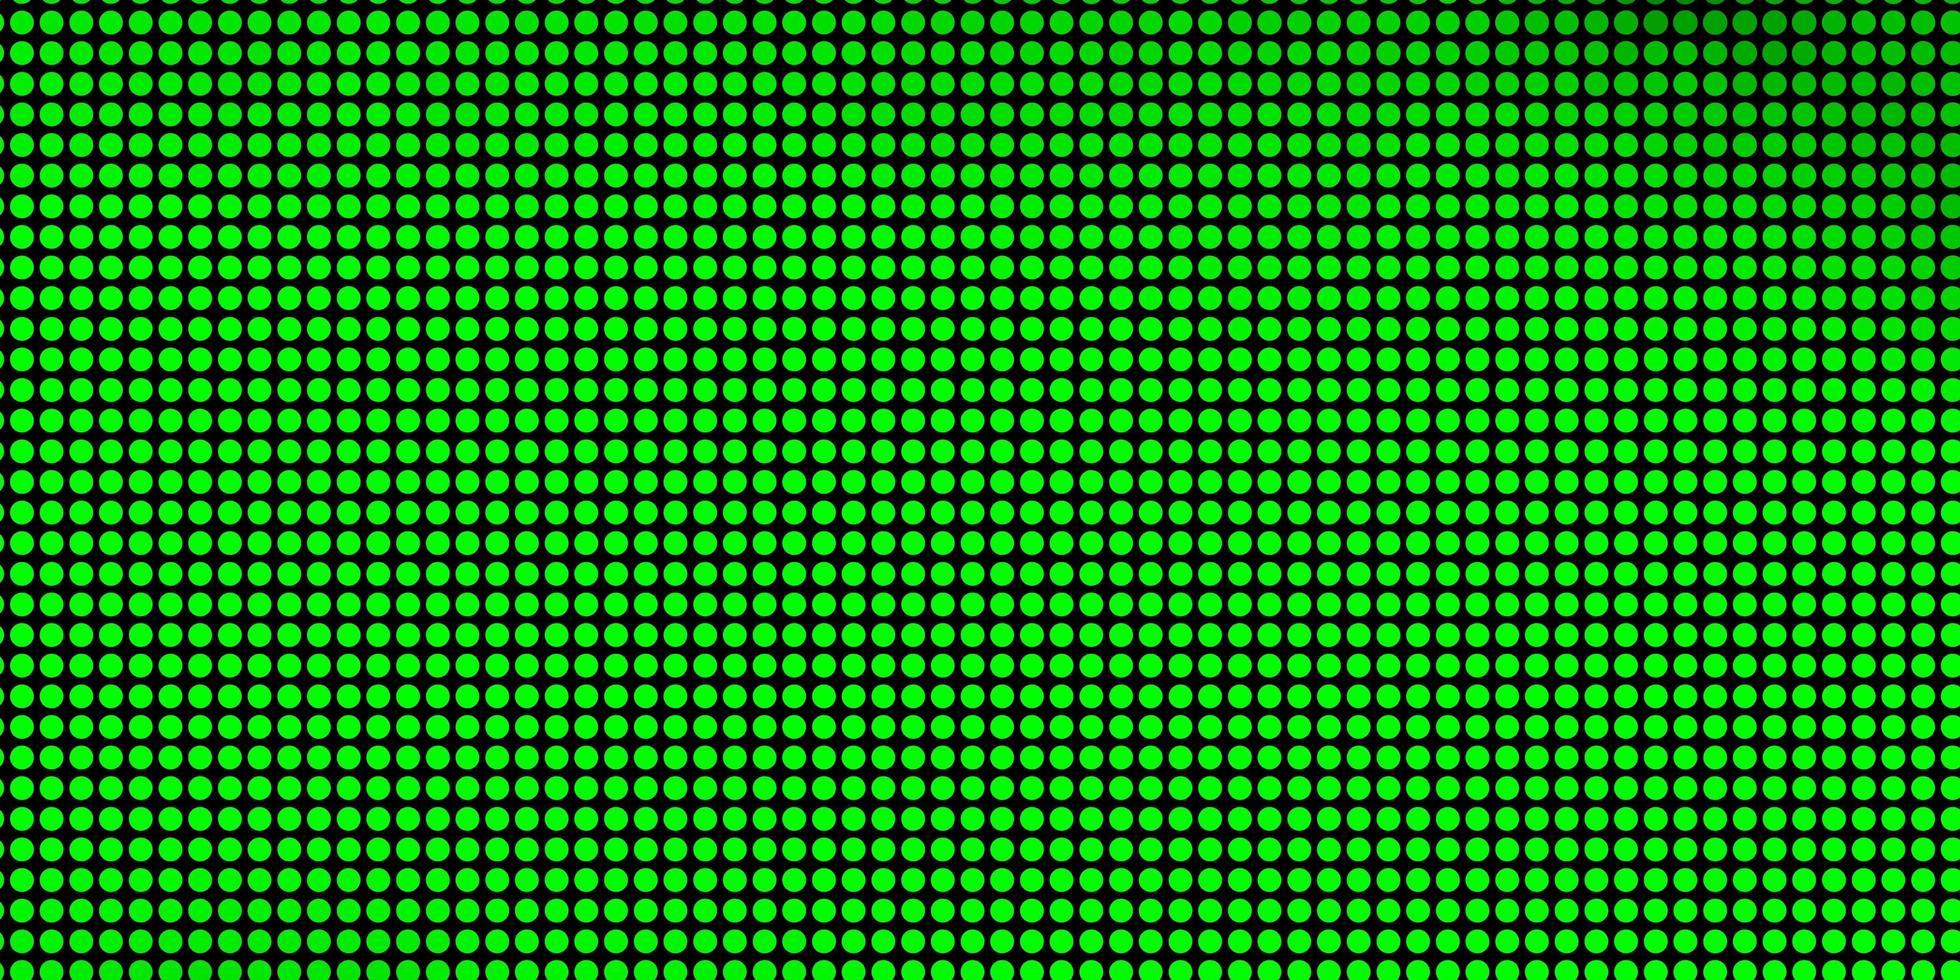 padrão de vetor verde claro com círculos.